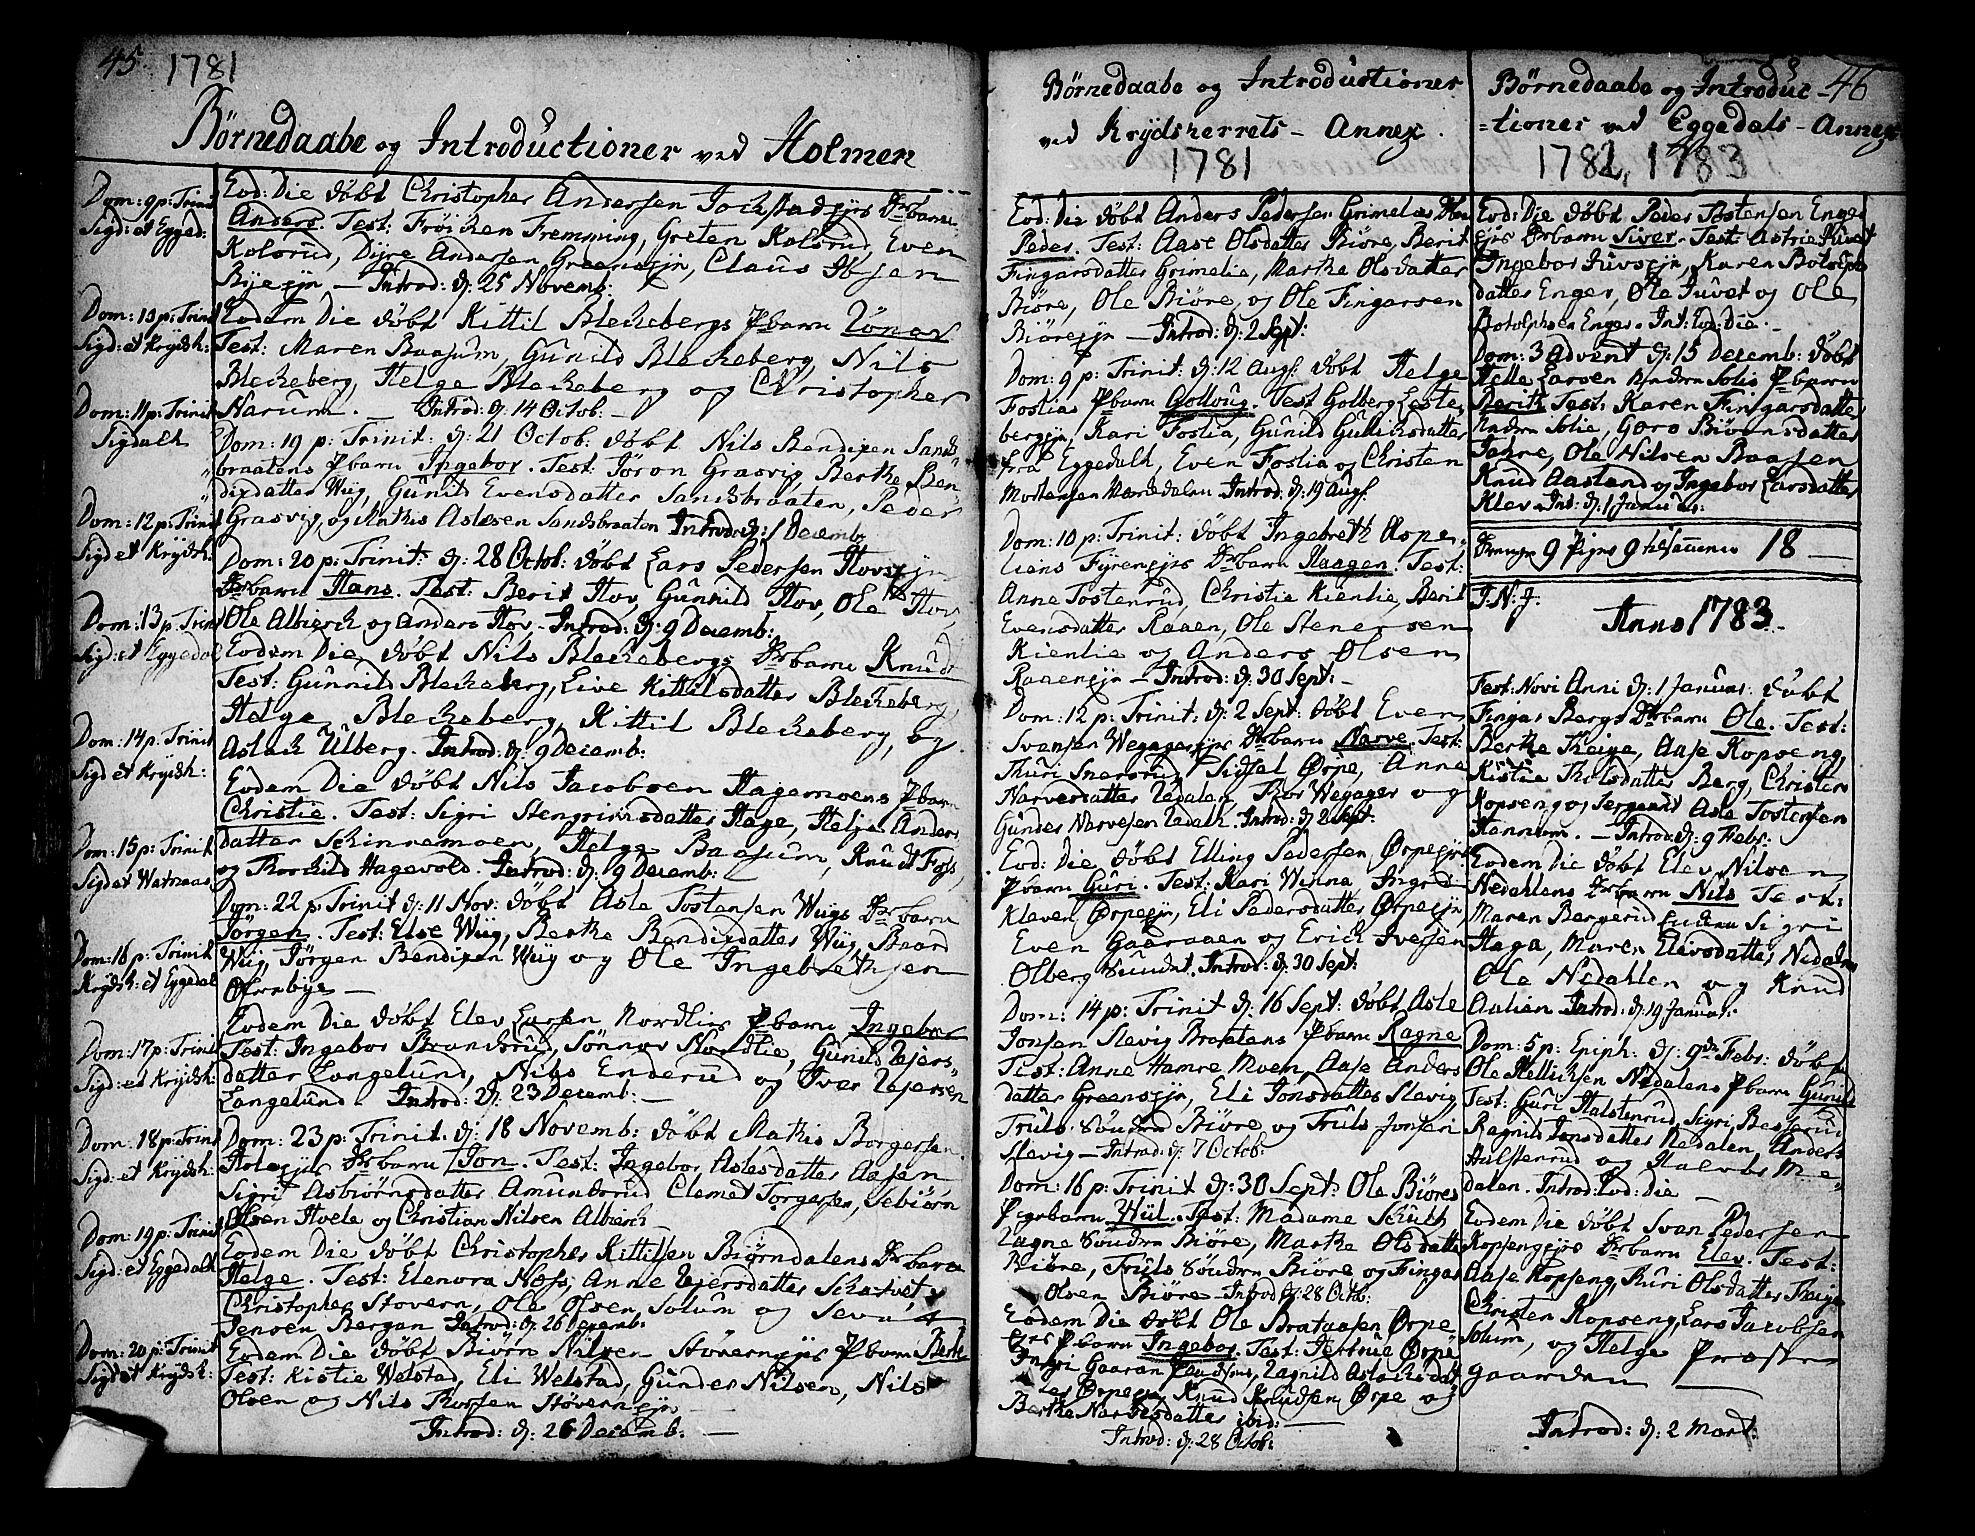 SAKO, Sigdal kirkebøker, F/Fa/L0002: Ministerialbok nr. I 2, 1778-1792, s. 45-46